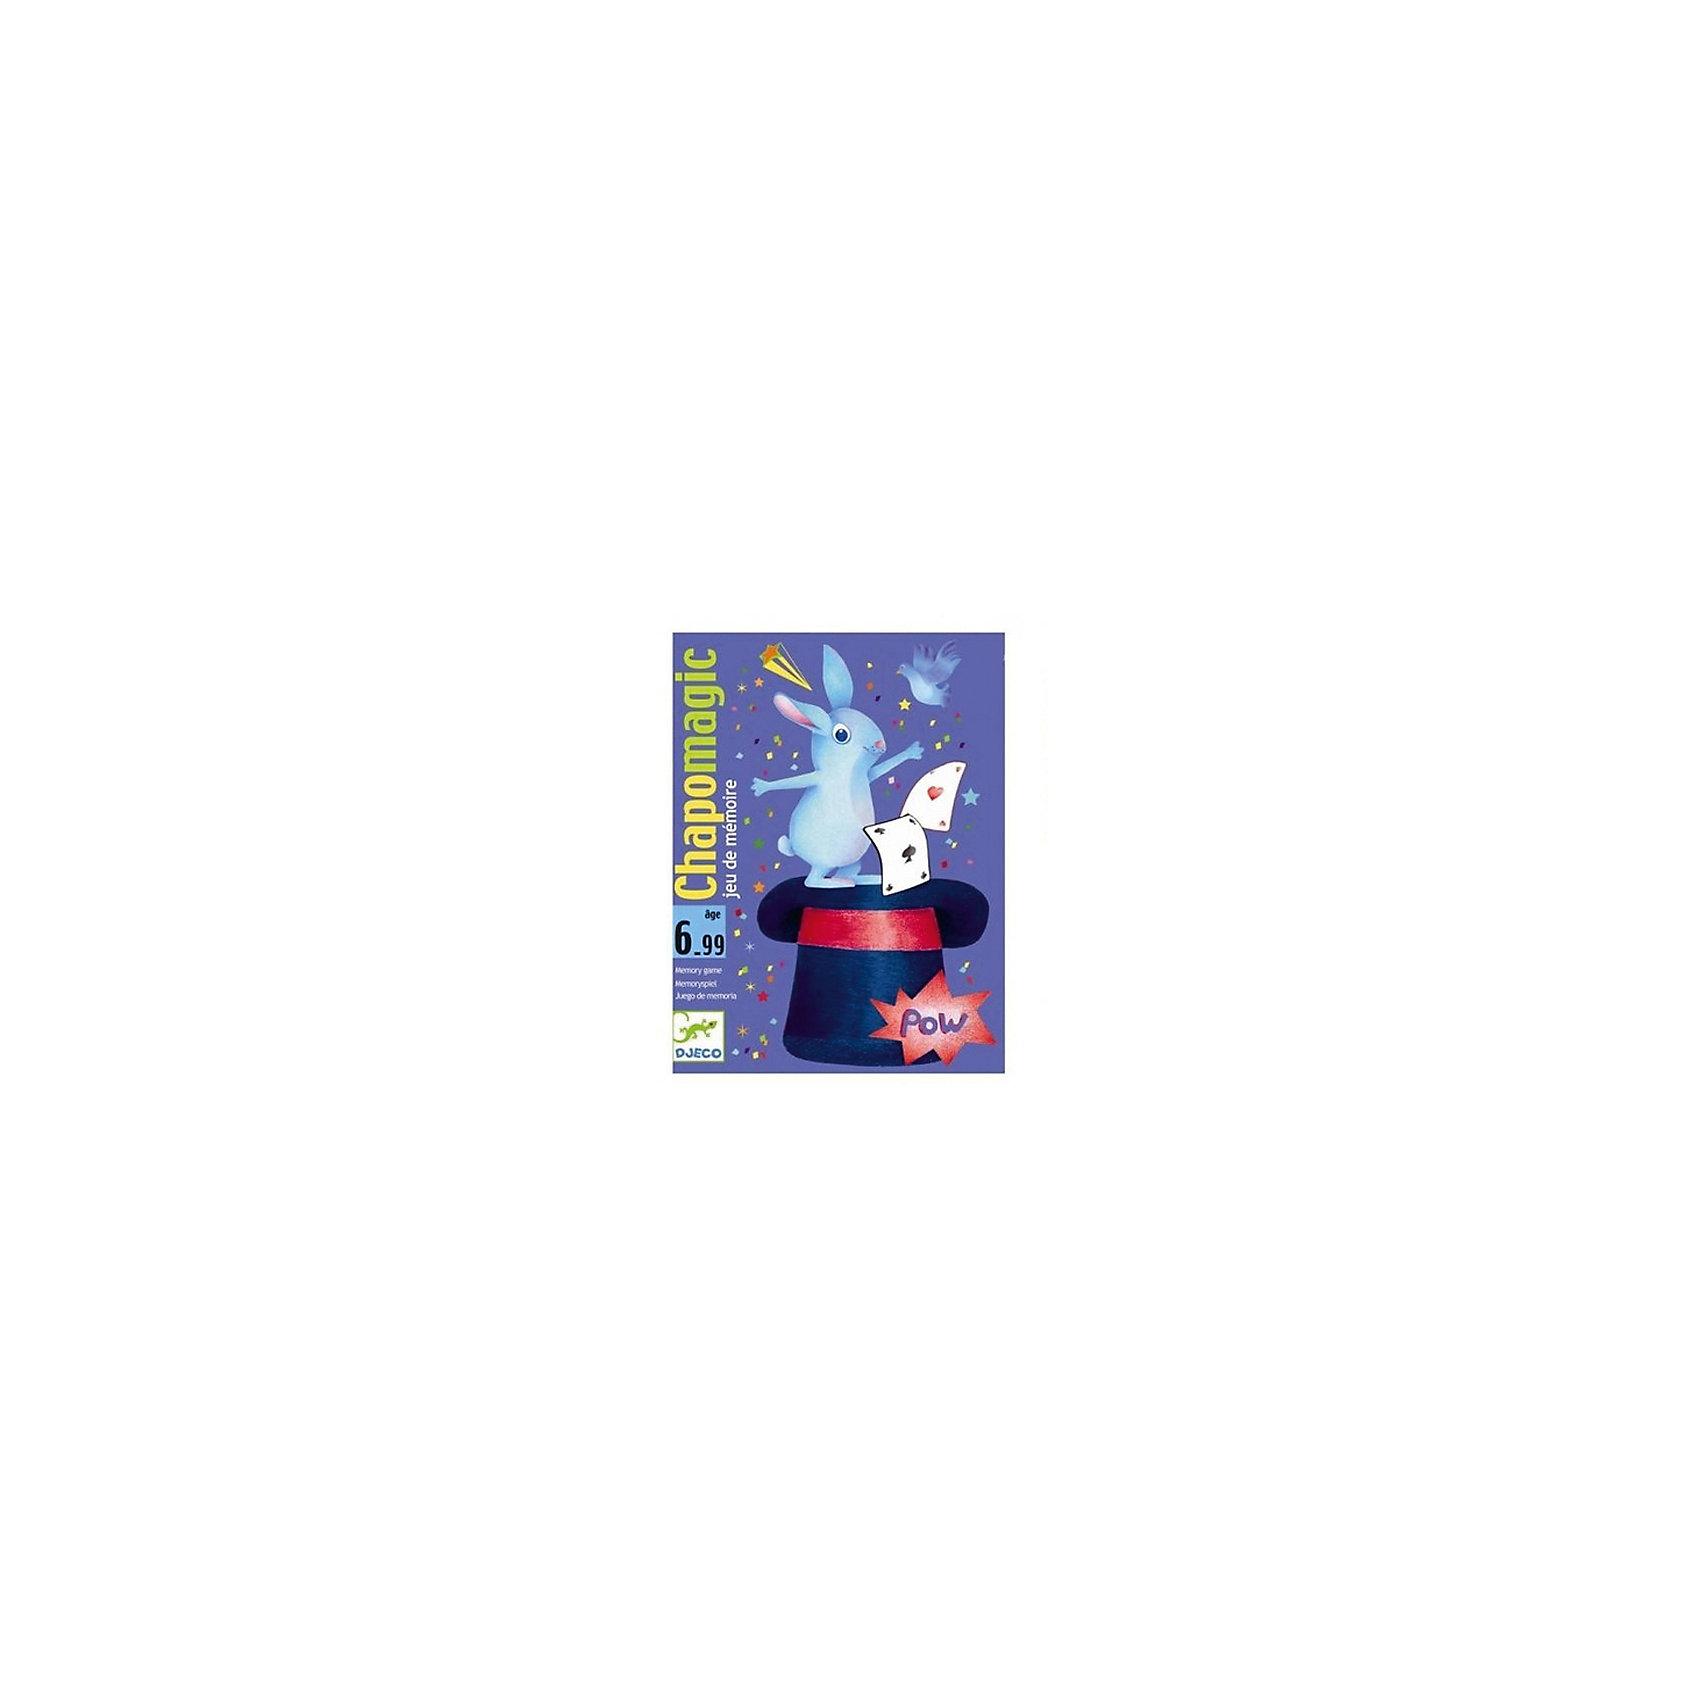 Карточная игра Шляпа волшебника, DJECOДетская карточная игра Шляпа волшебника от французского производителя Djeco - увлекательная игры для детей и взрослых на скорость и сообразительность. <br><br>Правила игры Шляпа волшебника: <br><br>Целью игры является запомнить карточки. <br><br>Игрокам раздаётся по 3 карточки, которые они просматривают и кладут лицевой стороной вниз. Затем каждый игрок по очереди должен назвать цвет карточки, лежащей сверху. Если цвет назван правильно, игрок имеет право забрать карточку себе. Если же нет, то он кладет ее в общую колоду. Запас карт у игроков постоянно пополняется - они берутся из общей колоды и кладутся в низ стопки. <br><br>На некоторых картах содержится изображение шляпы волшебника: если игроку попадается такая карта, то все участники должны стукнуть ладонью по центру стола. Тот, кто сделал это последним, в качестве штрафа отдает одну из выигранных карточек. То же происходит, если кто-то ударил ладонью по столу по ошибке (на карте не было изображения шляпы волшебника). Также, для усложнения игры, на картах изображены различные значки: увидев их, участники должны совершить определенные действия, например, взять еще одну карточку из общей колоды, поменяться своими карточками с игроком слева и так далее. <br><br>Игра заканчивается, когда заканчиваются карточки в общей колоде. Победителем считается набравший больше всего карточек. <br><br>Изображения на карточках очень красочные и необычные. Малышам обязательно понравится не только играть с ними, но и рассматривать красивые картинки. <br><br>Игра продается в красочной яркой коробке, в которой можно хранить карточки. Игру удобно брать с собой в поездку или в гости. <br><br>Игра Шляпа волшебника прекрасно развивает быстроту реакции и наблюдательность ребенка, она станет прекрасным развлечением во время семейных вечером, а также подойдет для любого детского праздника. <br><br>Количество игроков: 2-4 человека.<br>Рекомендована для детей от 6 лет.<br>Ориентировочное время игры: 15-30 м